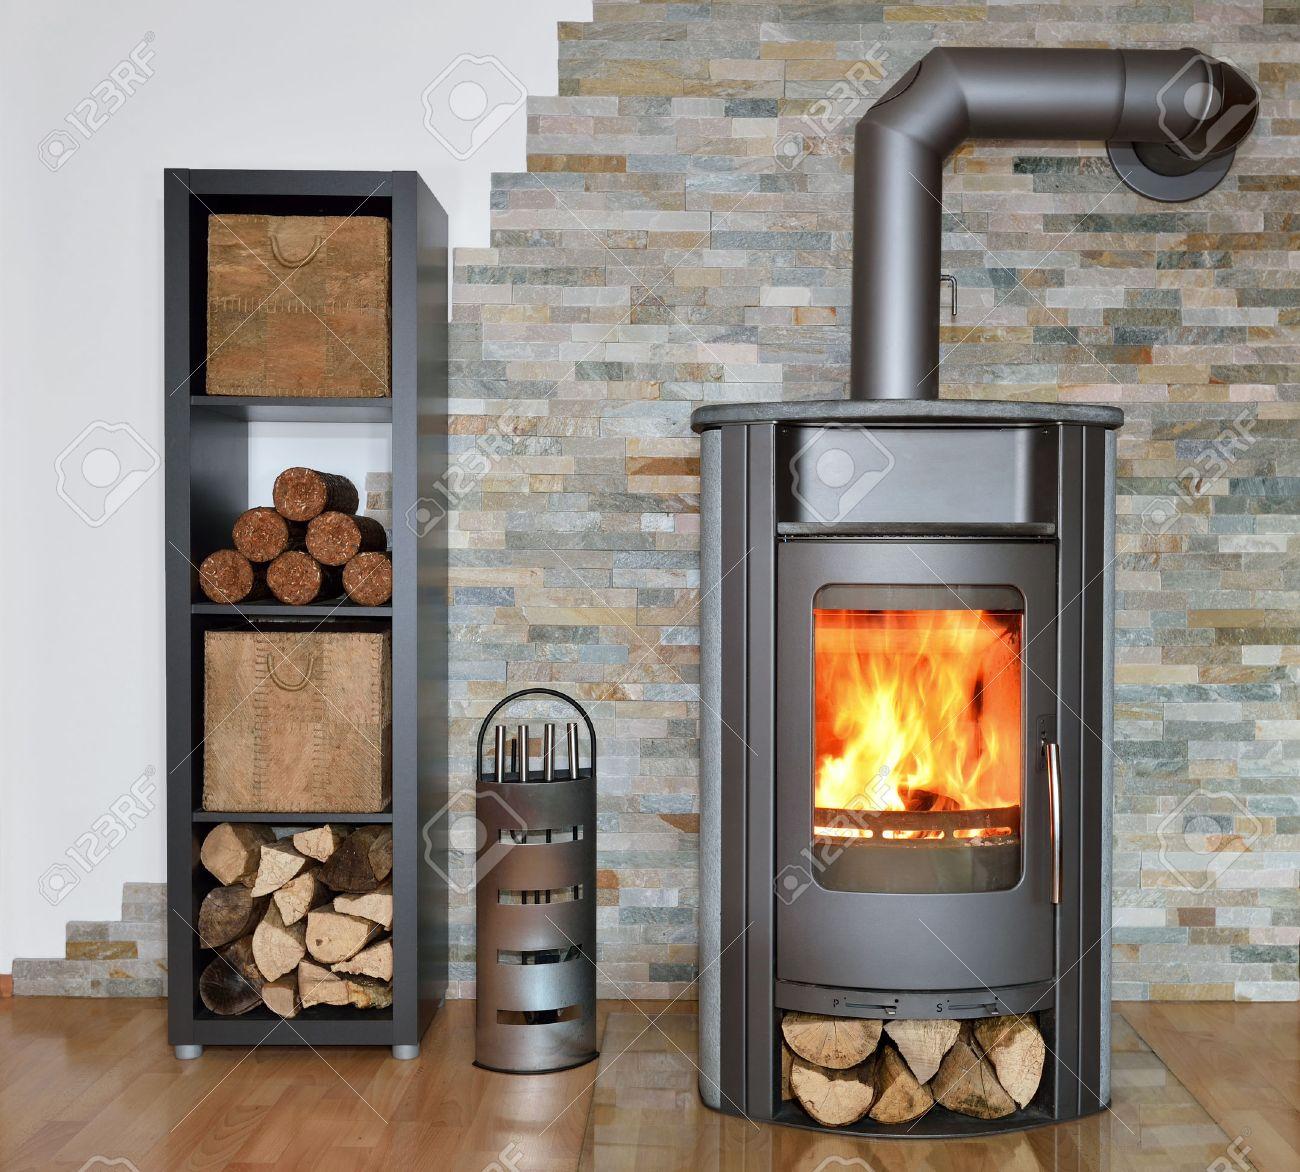 chimenea de ladrillo lea estufa con lea fuego hierros y briquetas de corteza foto with fotos - Chimeneas Rusticas De Lea